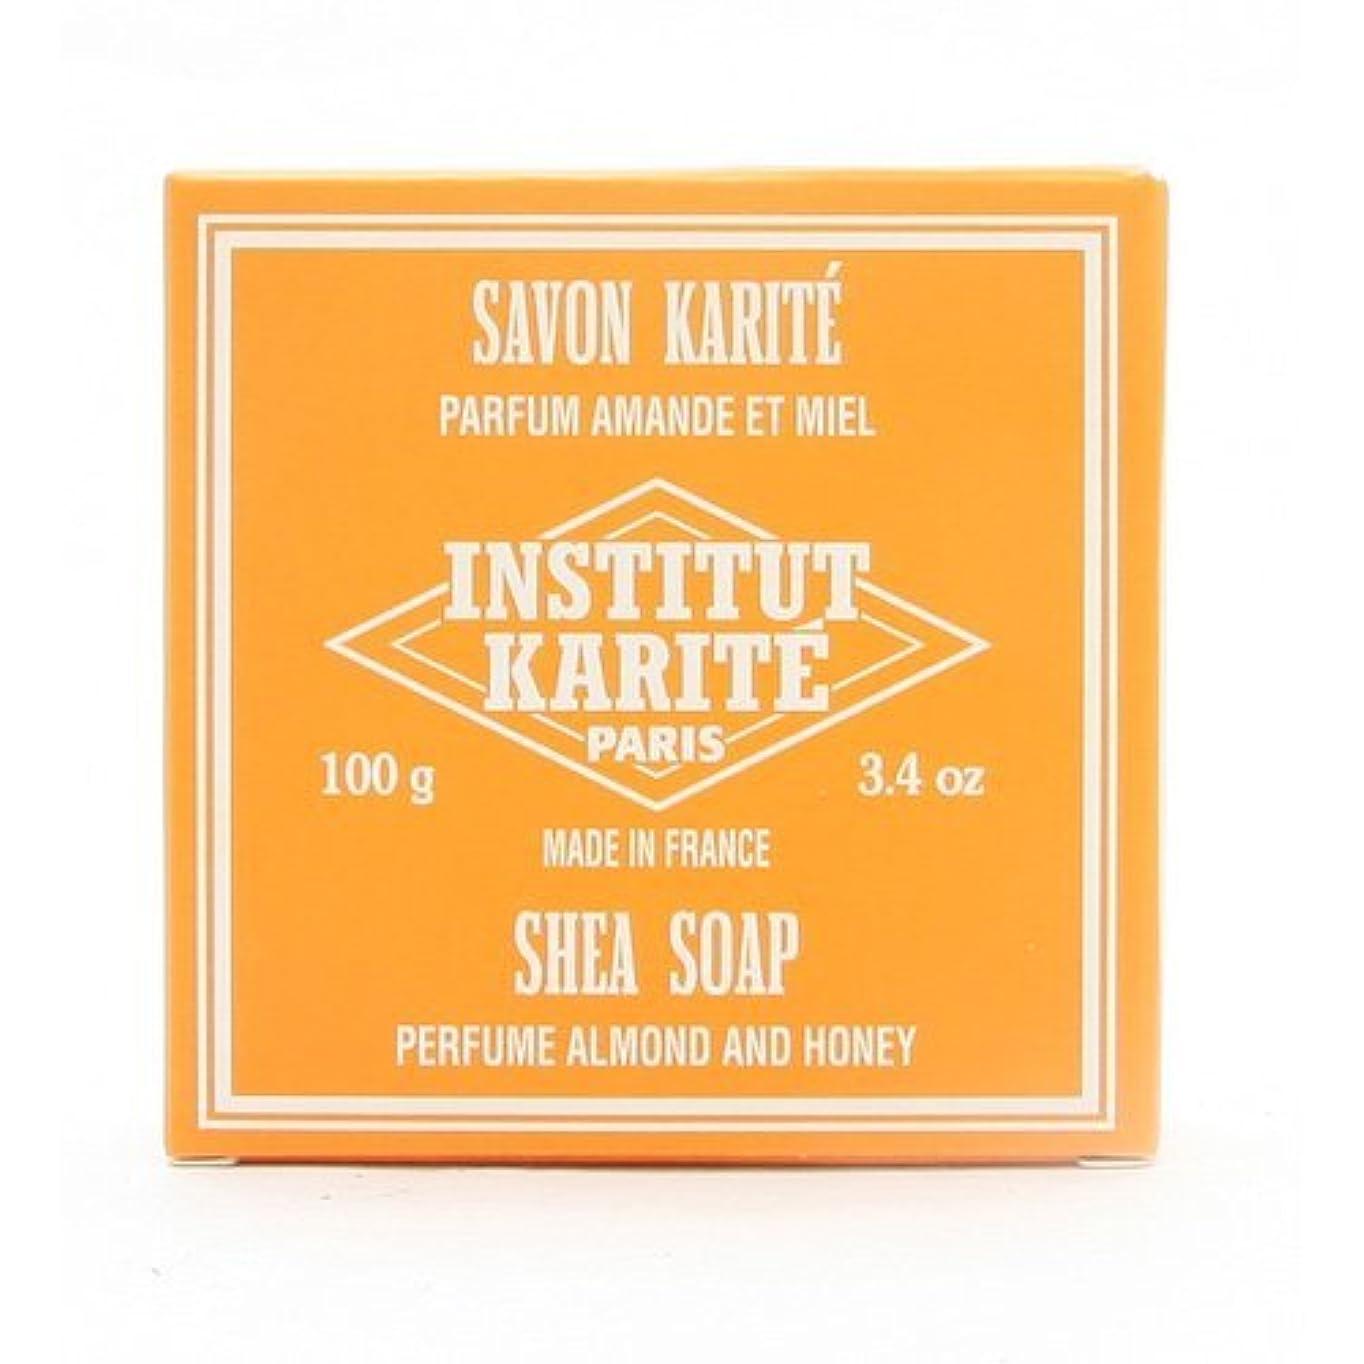 解釈するカニアリINSTITUT KARITE インスティテュート カリテ 25% Extra Gentle Soap ジェントルソープ 100g Almond Honey アーモンドハニー